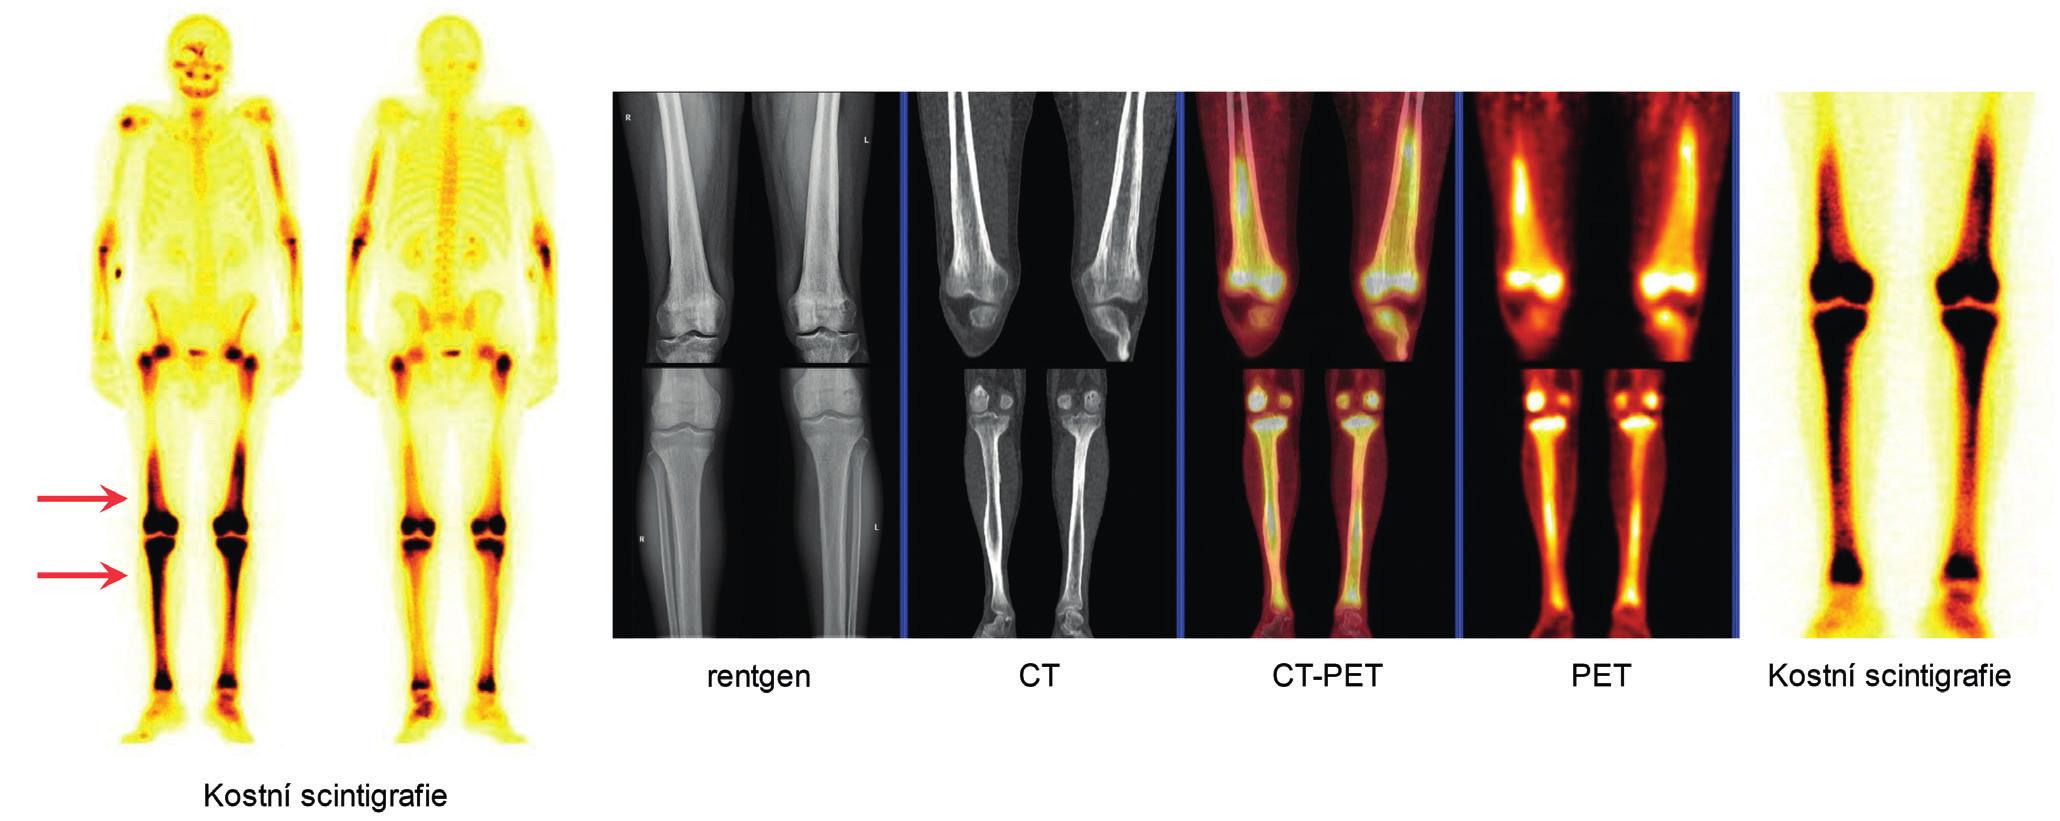 Pro Erdheimovu-Chesterovu nemoc je typická osteoskleróza dlouhých kostí dolních končetin<br> Velmi dobře ji znázorňuje scintigrafie kostí (radiofarmakum technecium pyrofosfát), ale je velmi dobře prokazatelné pomocí FDG-PET/CT zobrazení, které zobrazí zvýšenou akumulaci fluorodeoxyglukózy ve stejných lokalizacích. Na rentgenovém či CT zobrazení těchto lokalit se zvýšenou akumulací Tc-pyrofosfátu a fluorodeoxyglukózy je pak dobře patrná osteoskleróza.